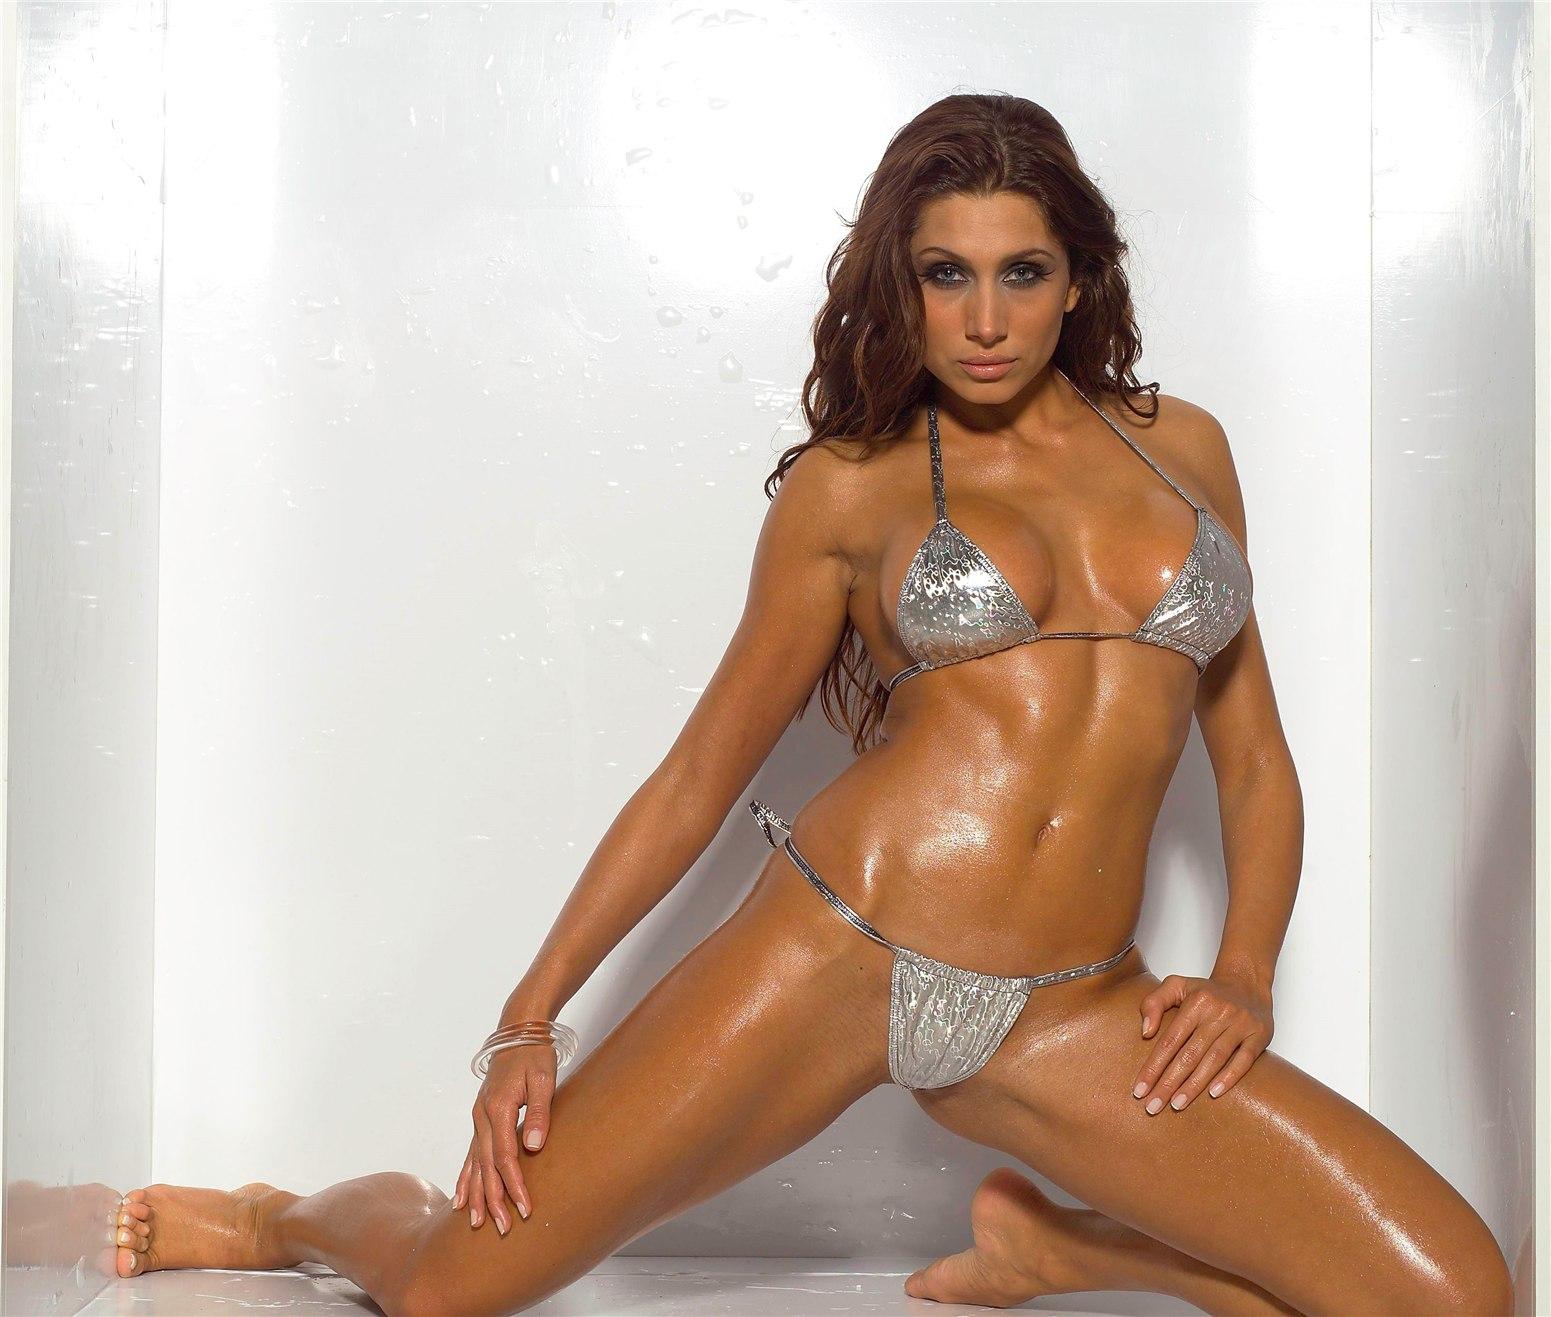 Венгерская модель Ева Хорват (Eva Horvath) на съемках эротической фотосессии для журнала FHM